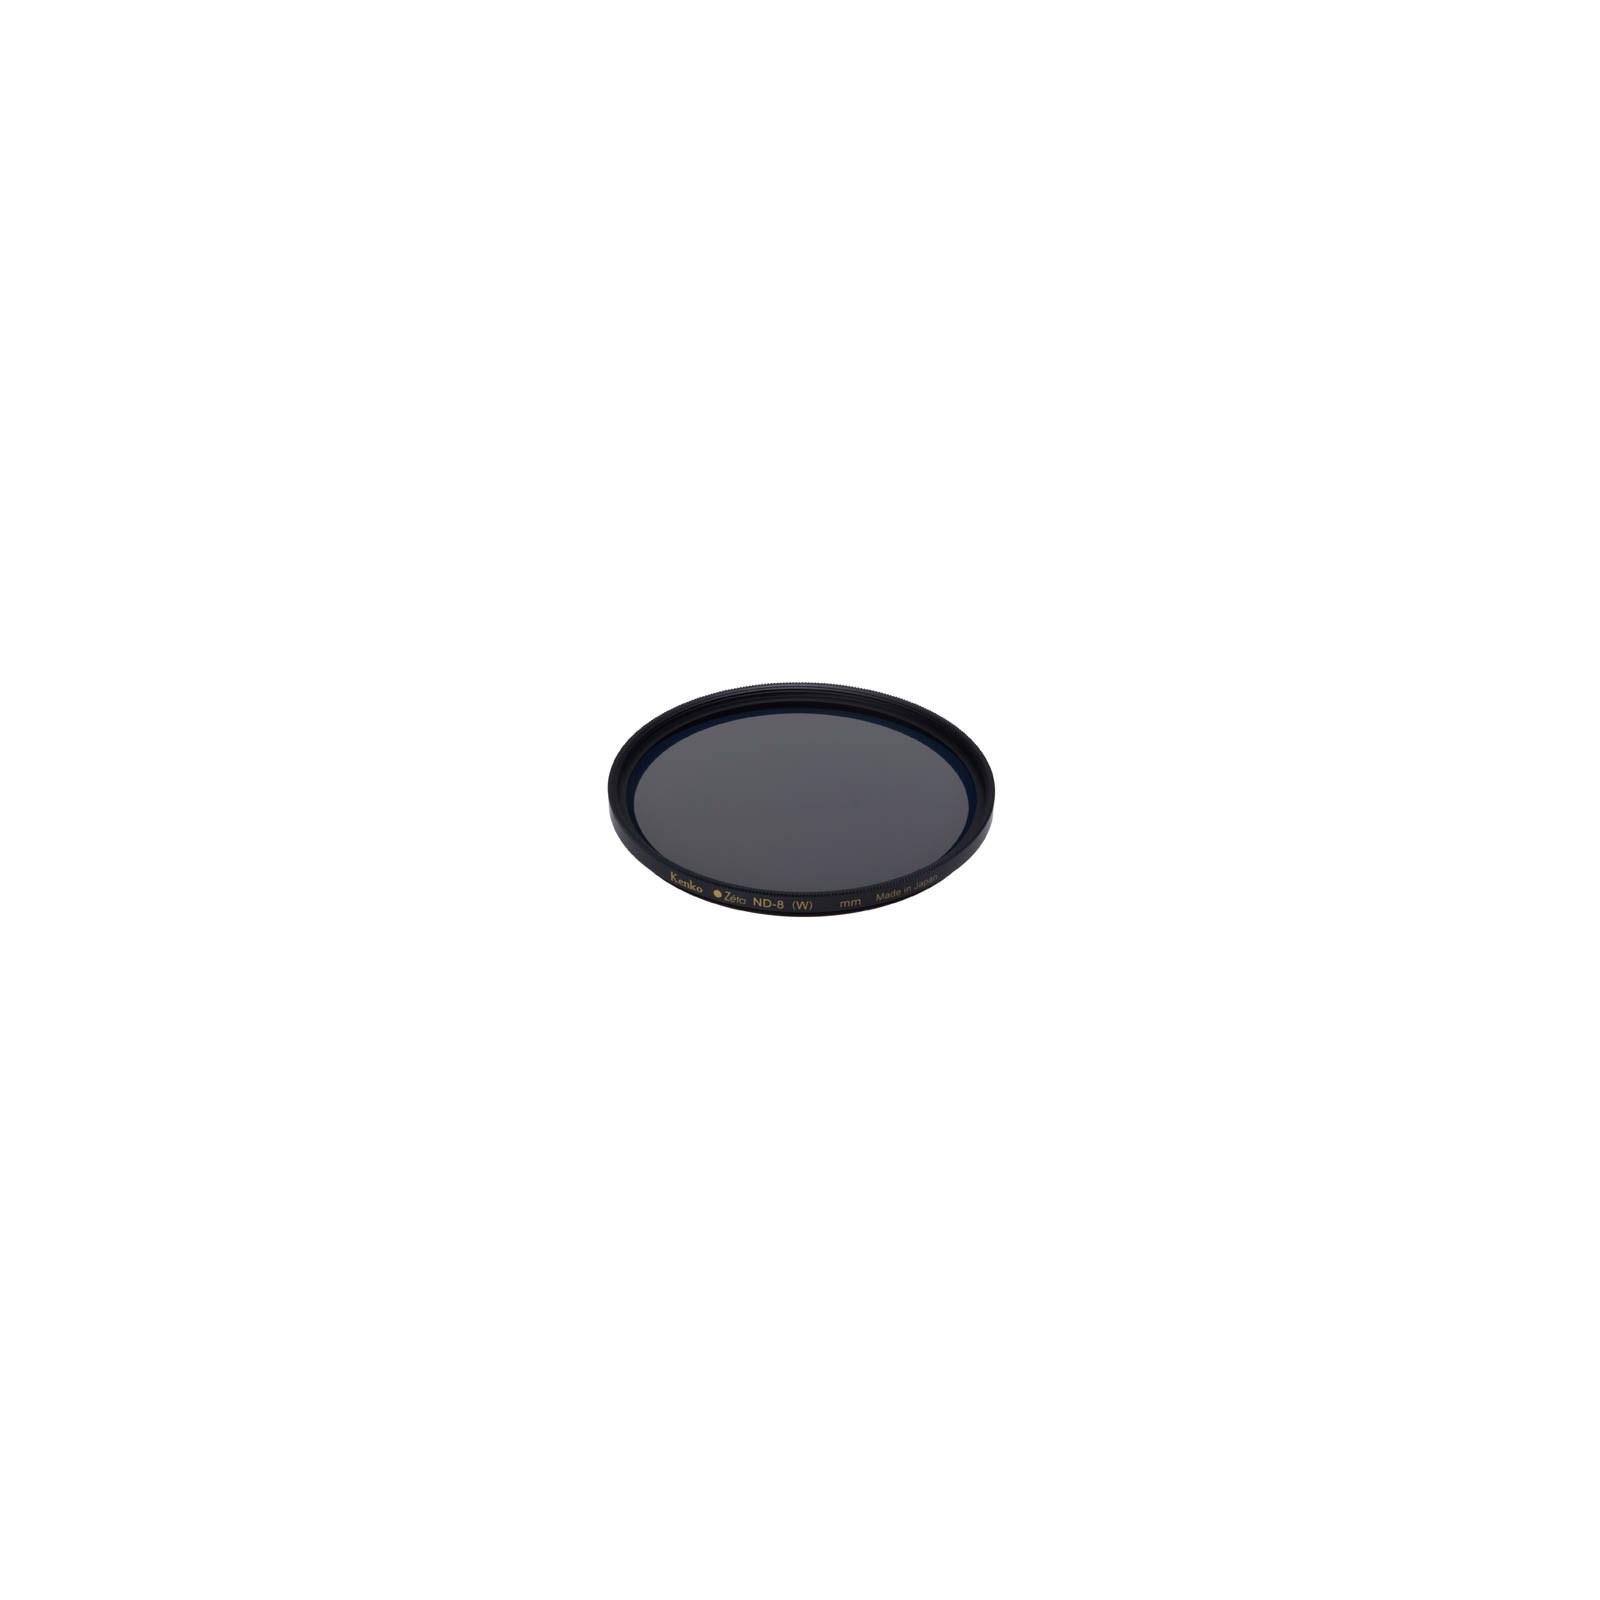 Светофильтр Kenko Zeta ND8 67mm (216756)